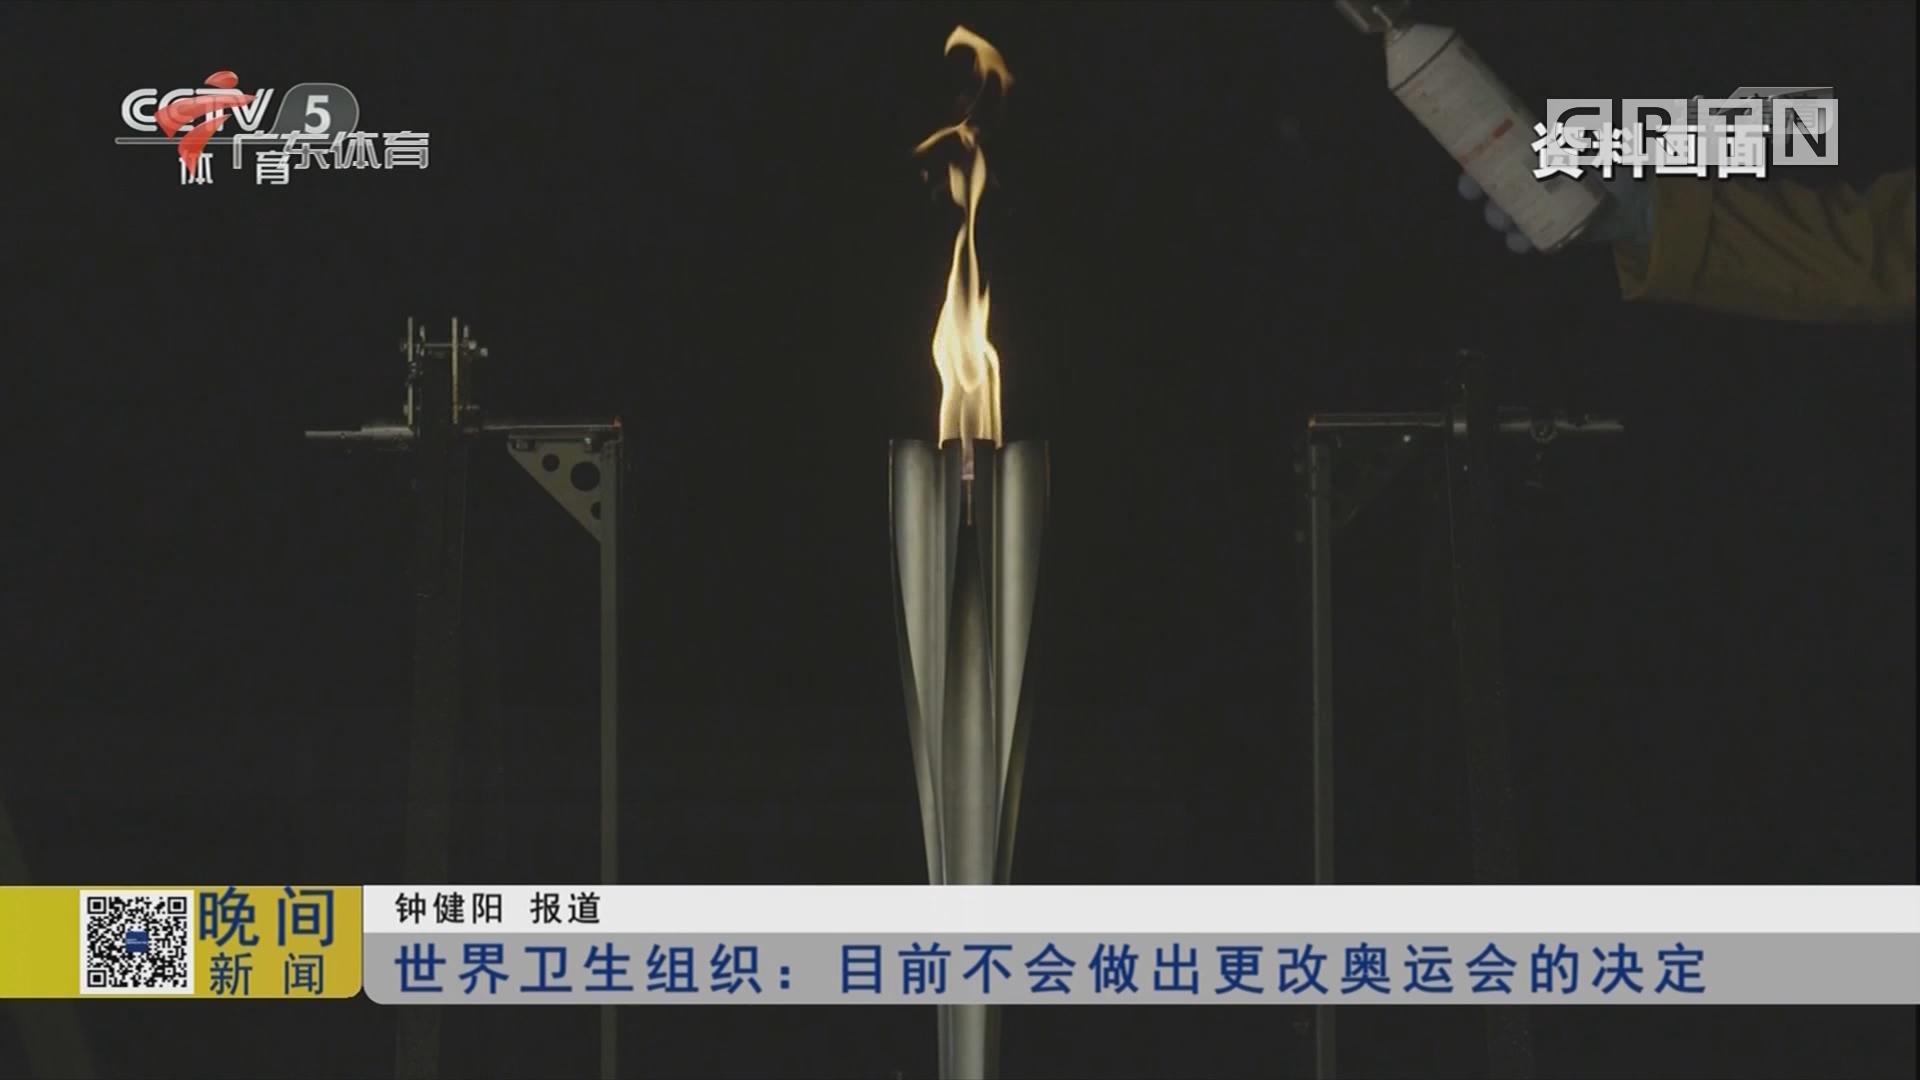 世界卫生组织:目前不会做出更改奥运会的决定